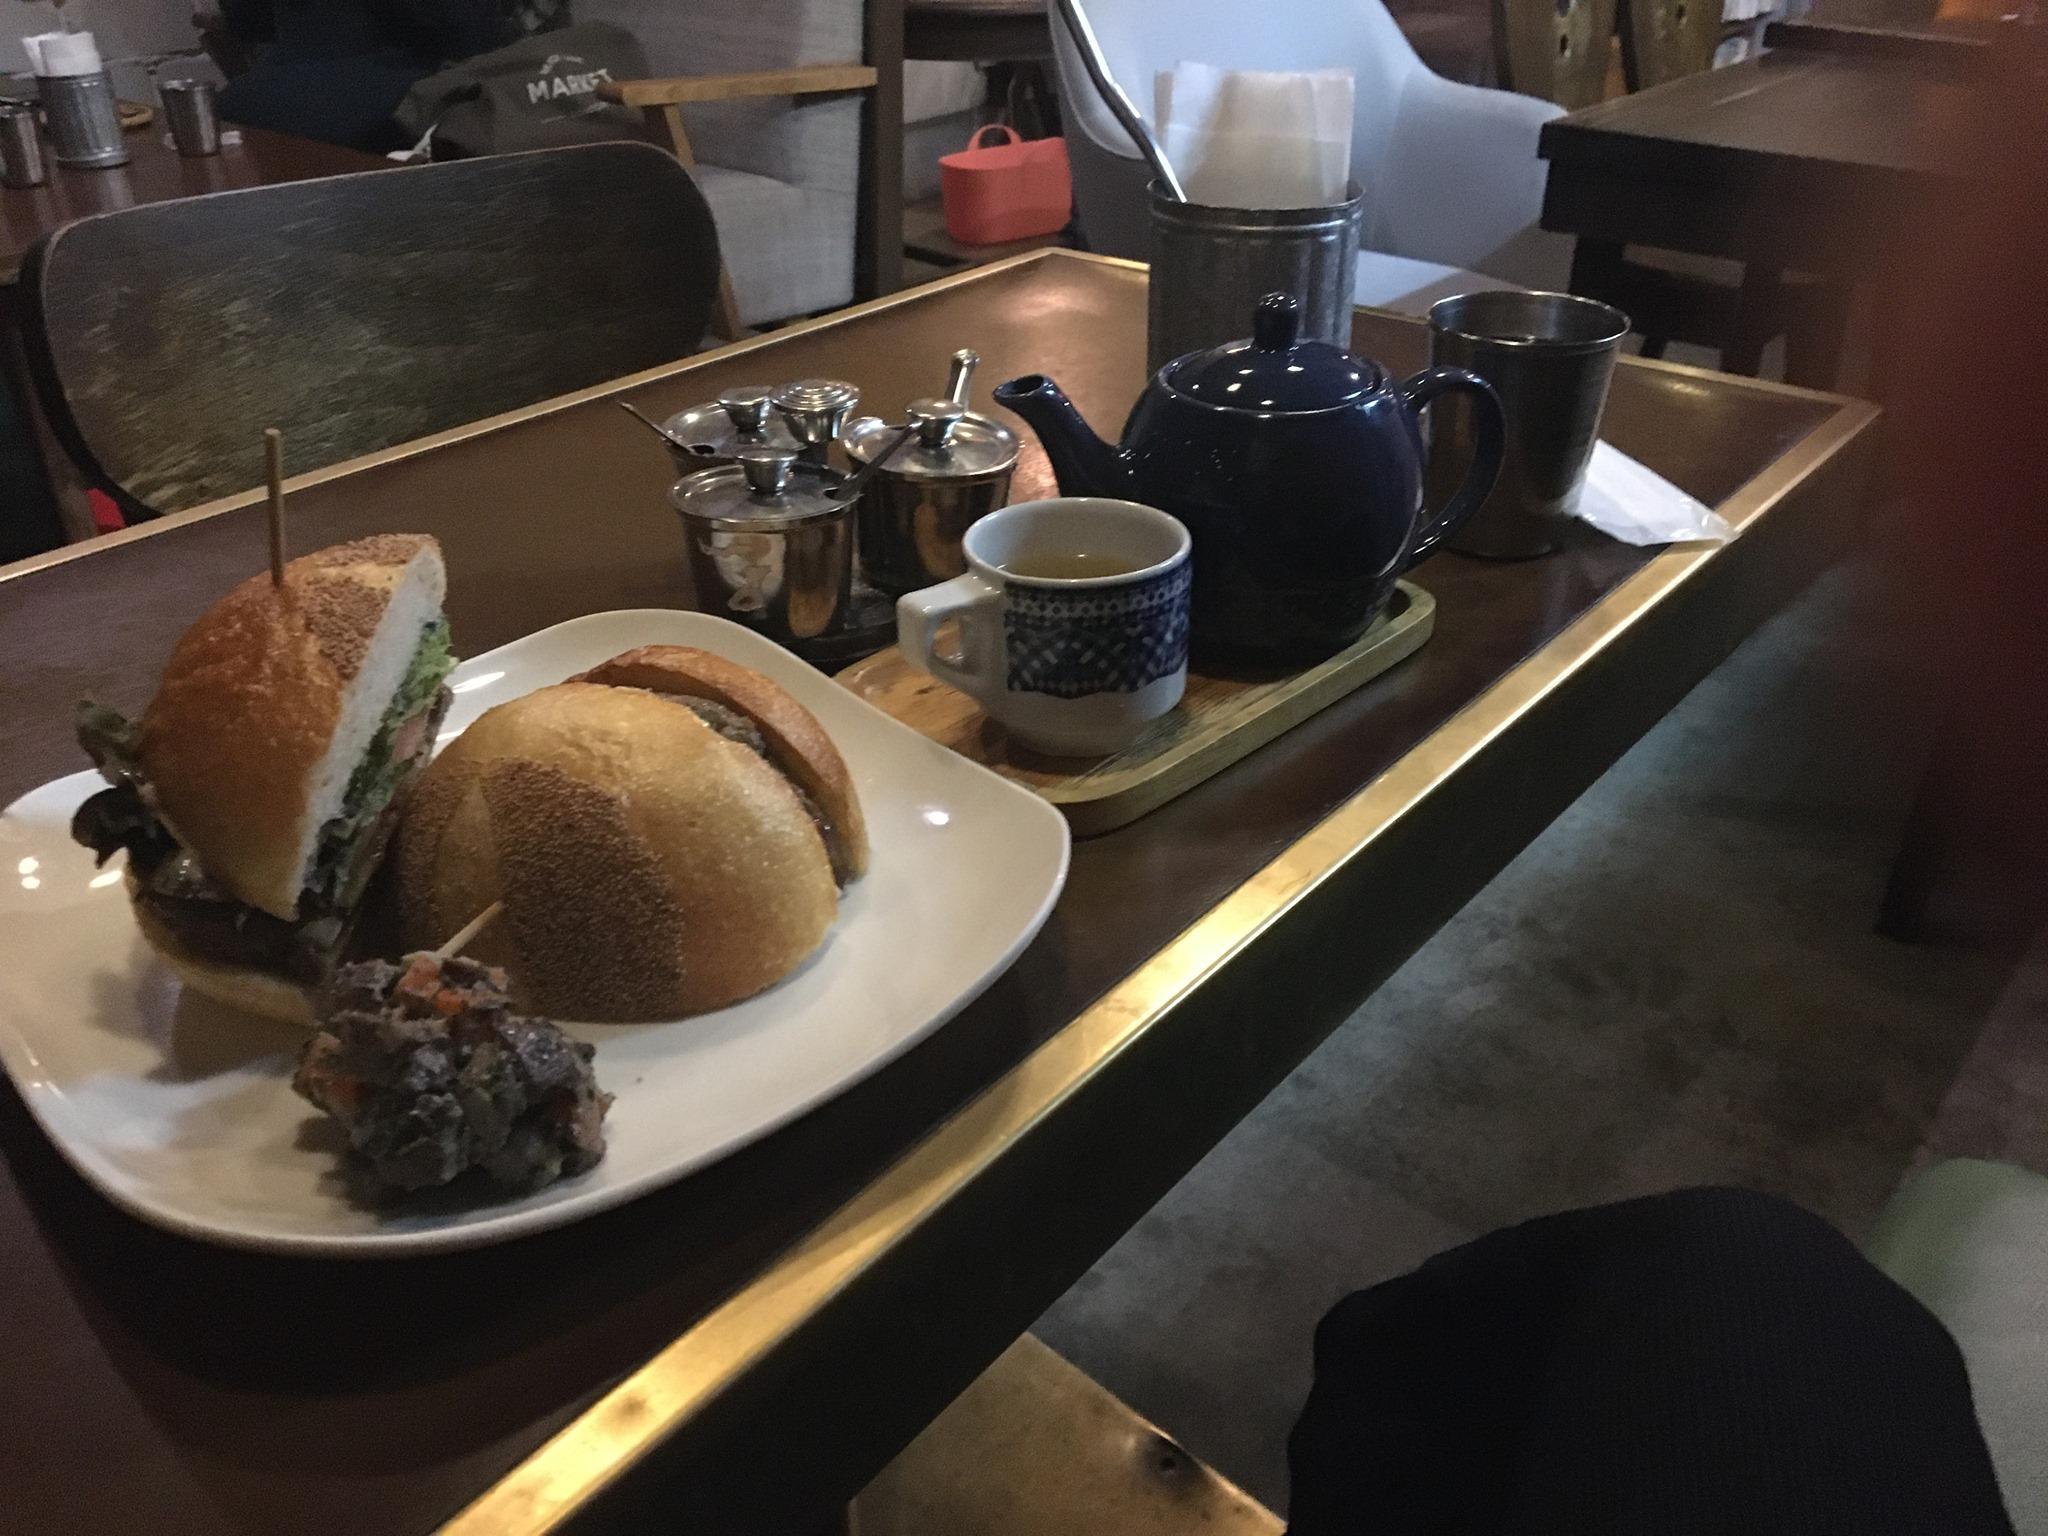 出町柳のおすすめカフェ10選!自慢したくなるお洒落なカフェまとめ